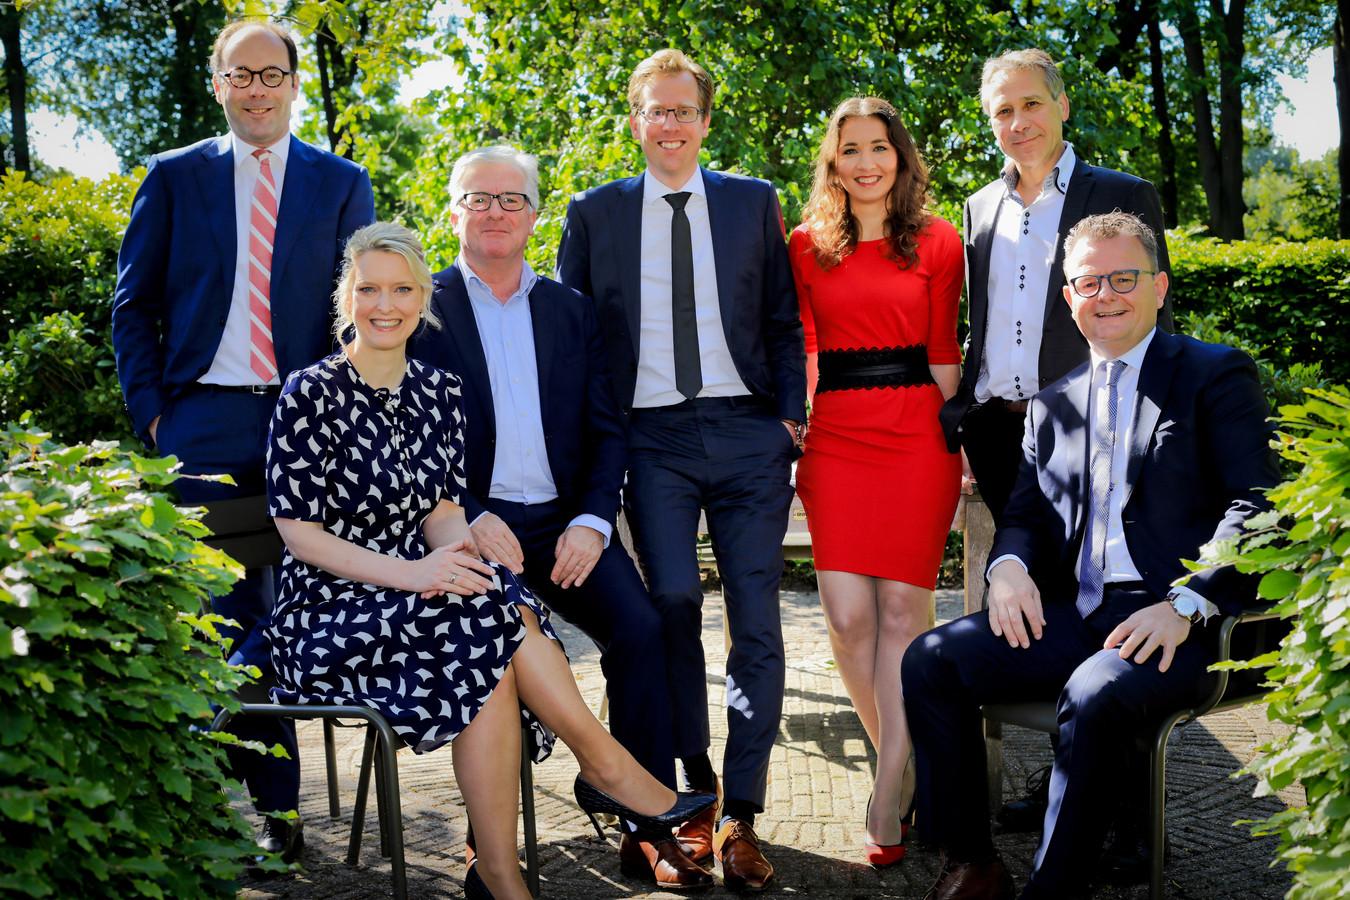 Het nieuwe college van Gedeputeerde Staten, met van links naar rechts Martijn van Gruijthuijsen (VVD), Marianne van der Sloot (CDA), Erik van Merrienboer (PvdA), Christophe van der Maat (VVD), Anne-Marie Spierings (D66), Rik Grashoff (GroenLinks) en Renze Bergsma (CDA).